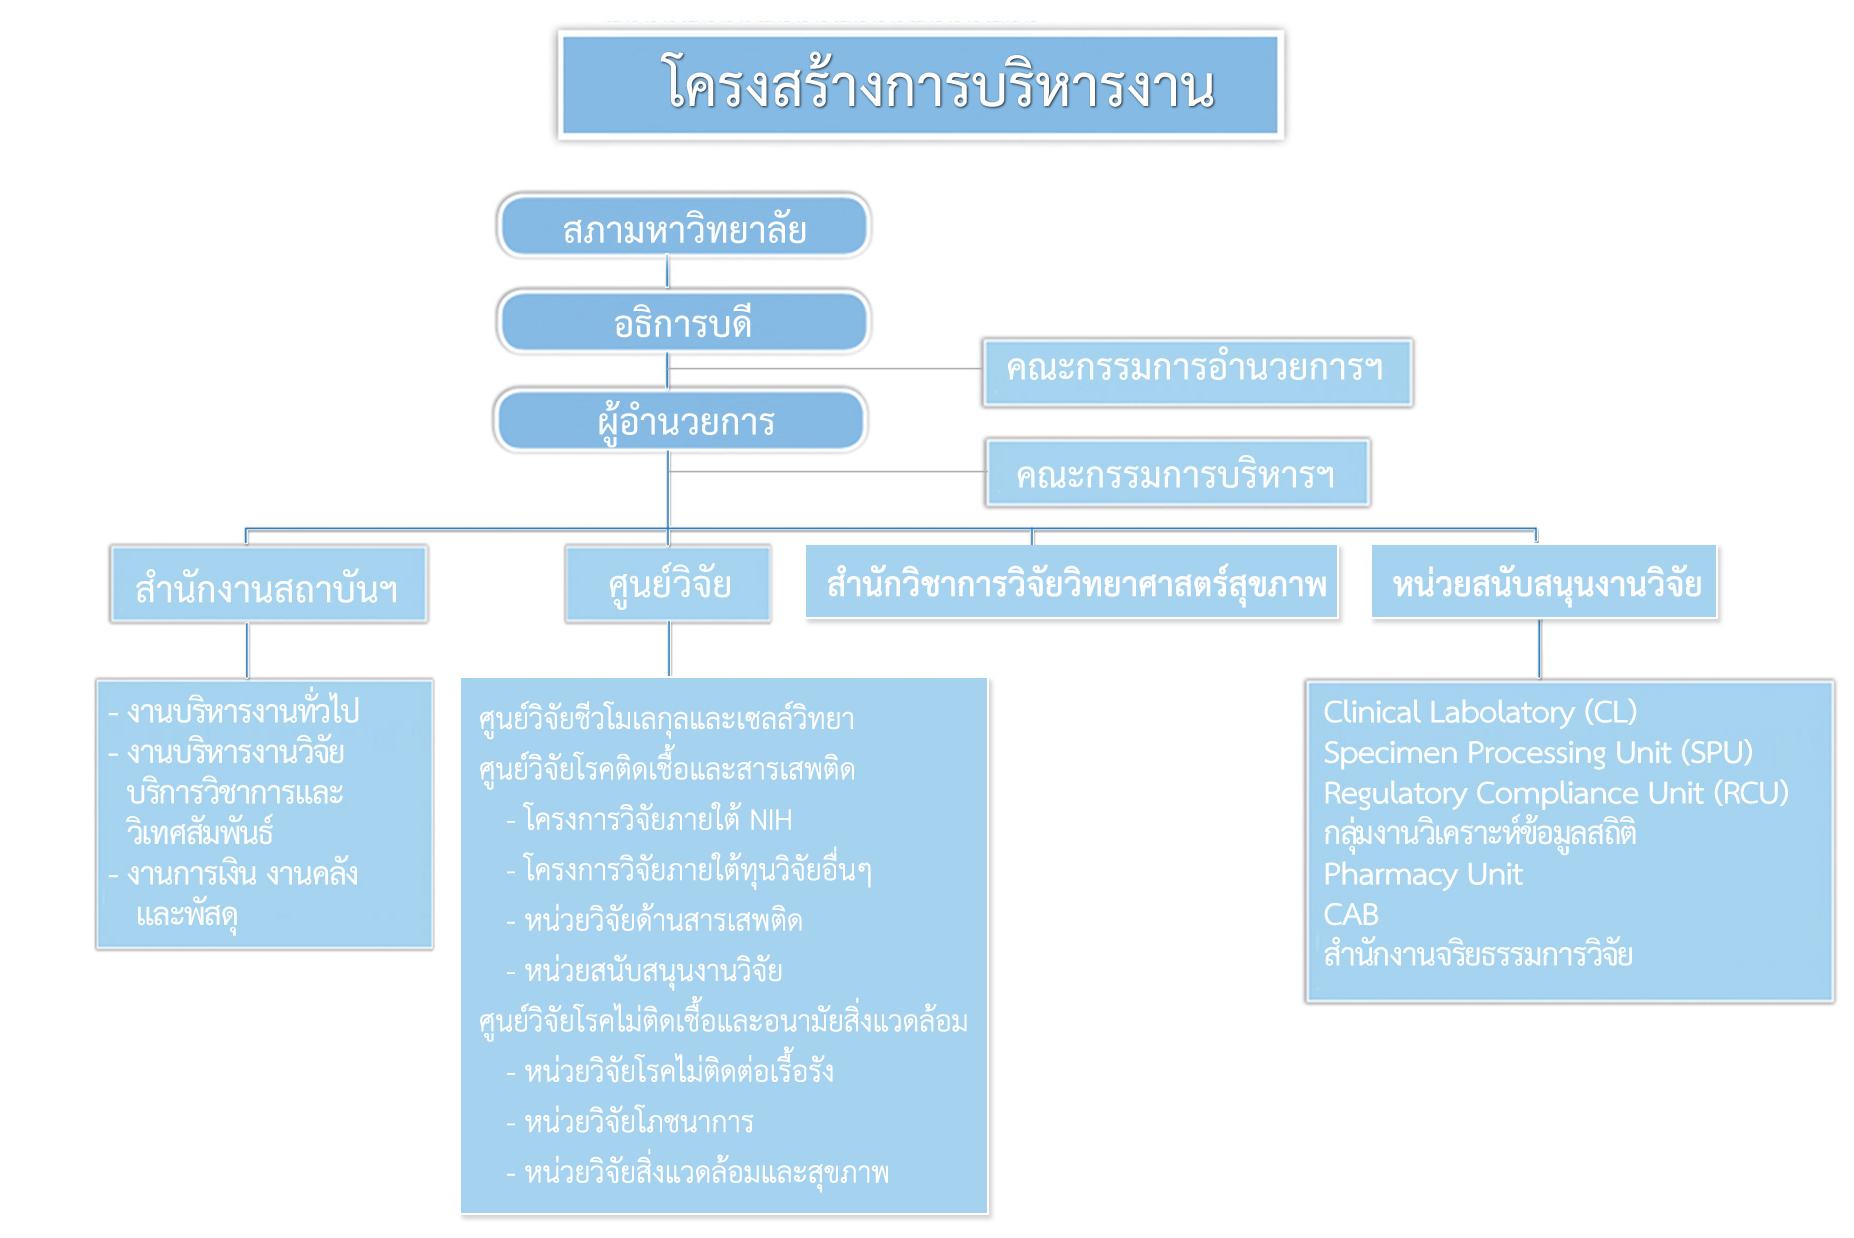 organizationchart2015